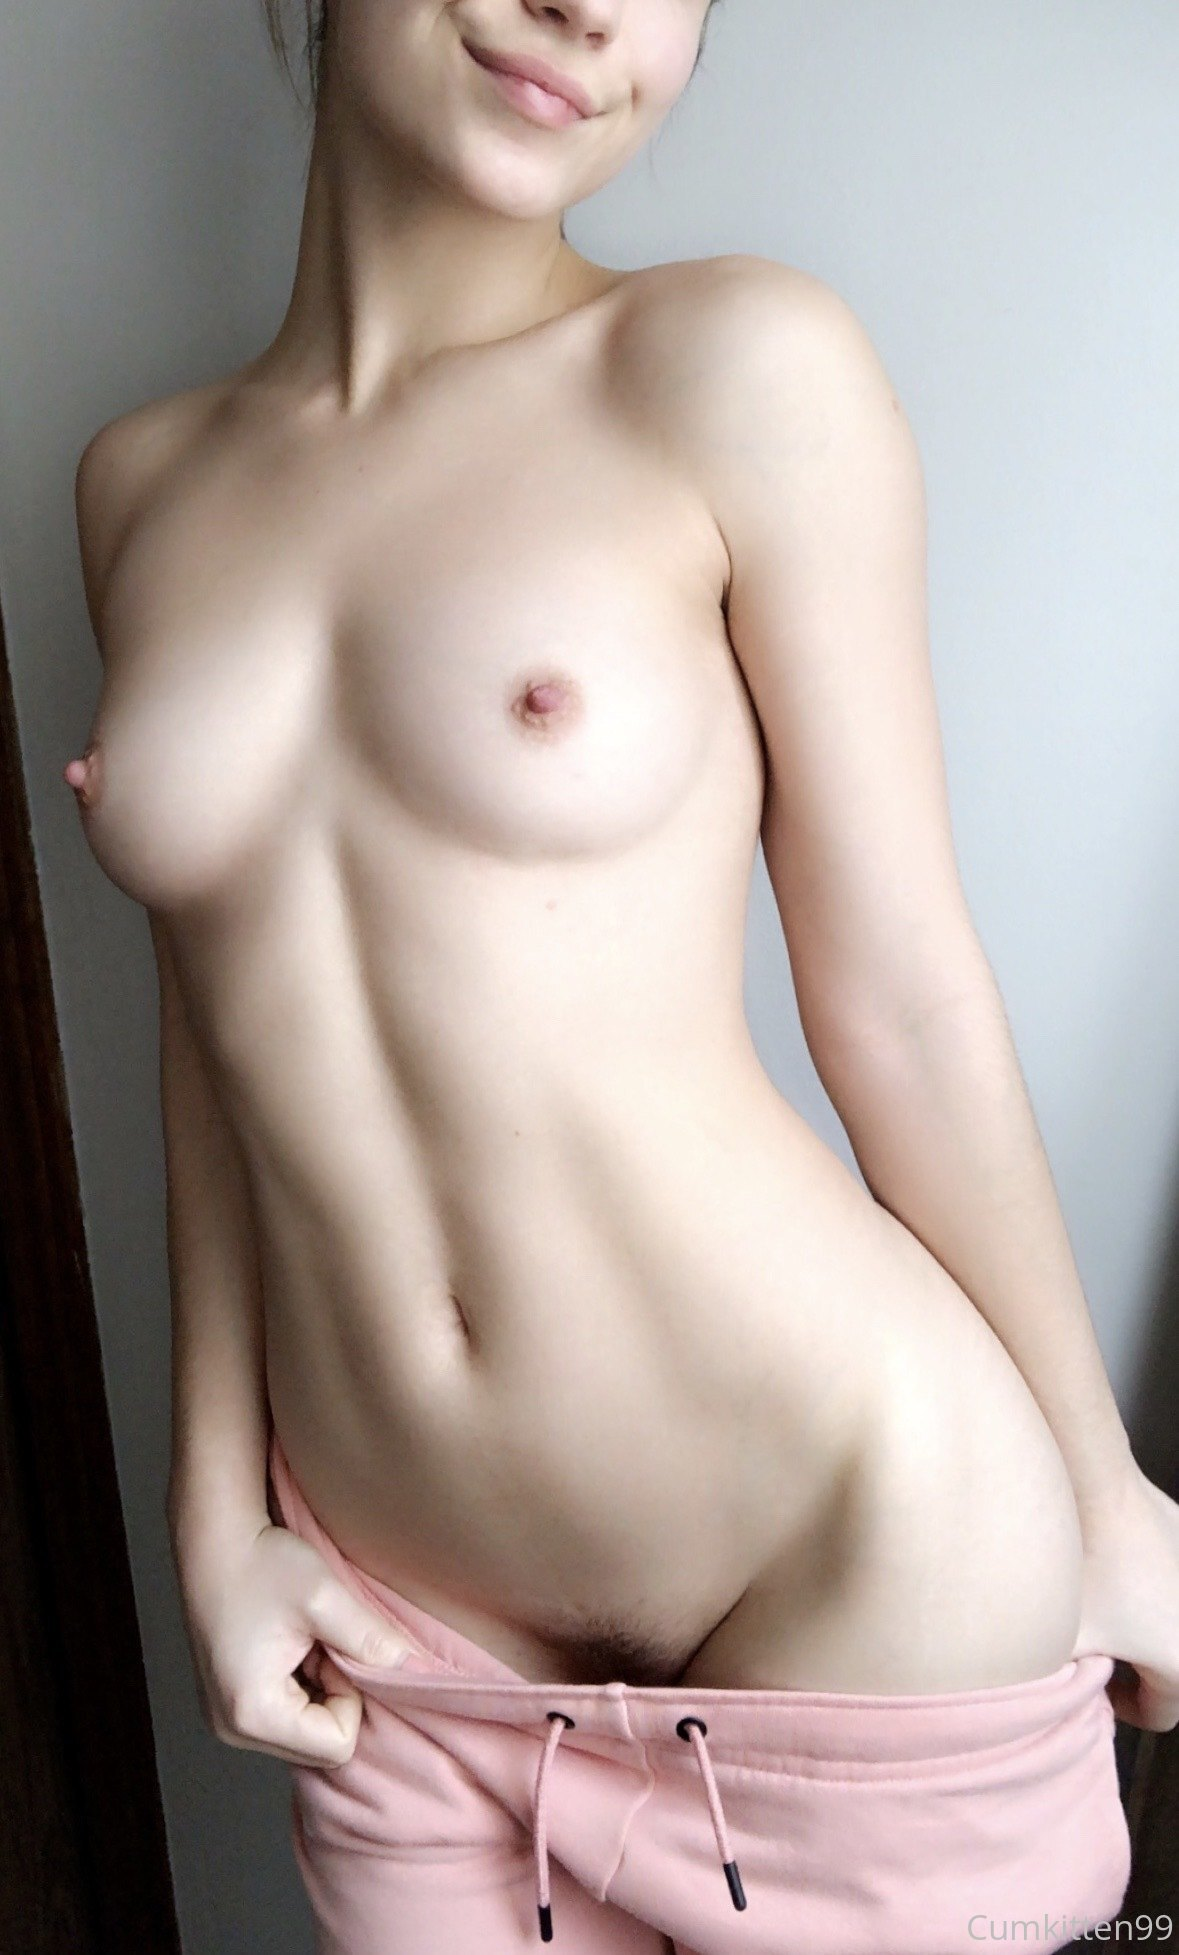 Cumkitten99, Onlyfans Nudes Leaks 13